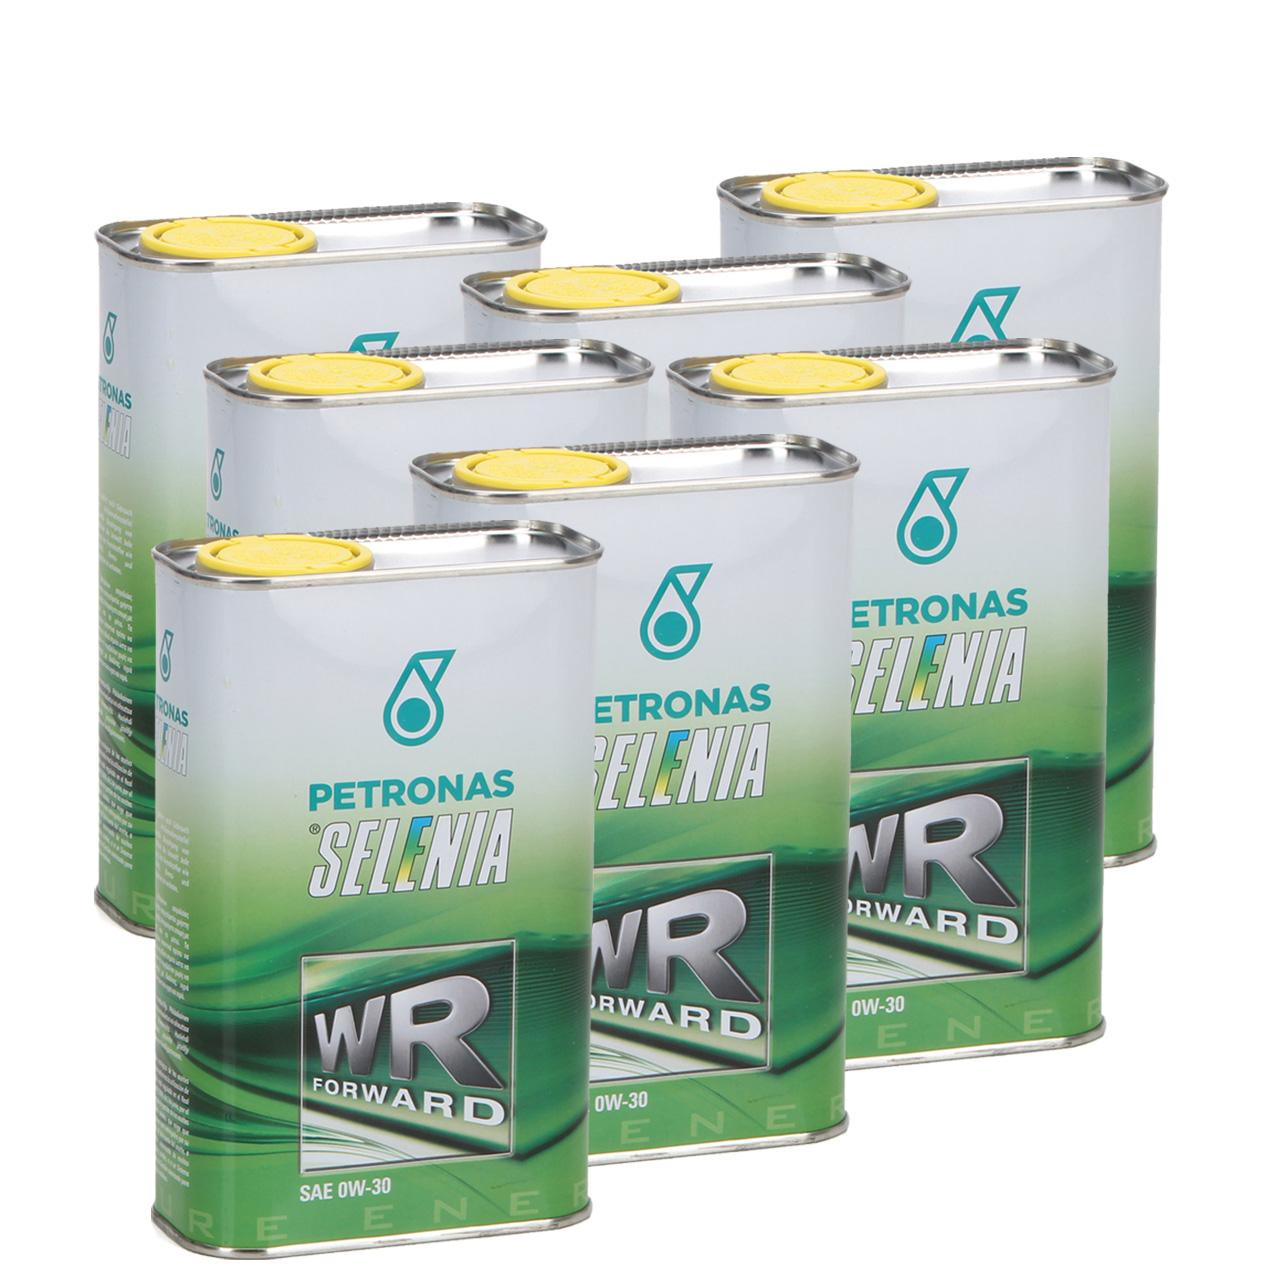 PETRONAS SELENIA Motoröl Öl WR FORWARD 0W30 0W-30 Fiat 9.55535-DS1 - 7L 7 Liter